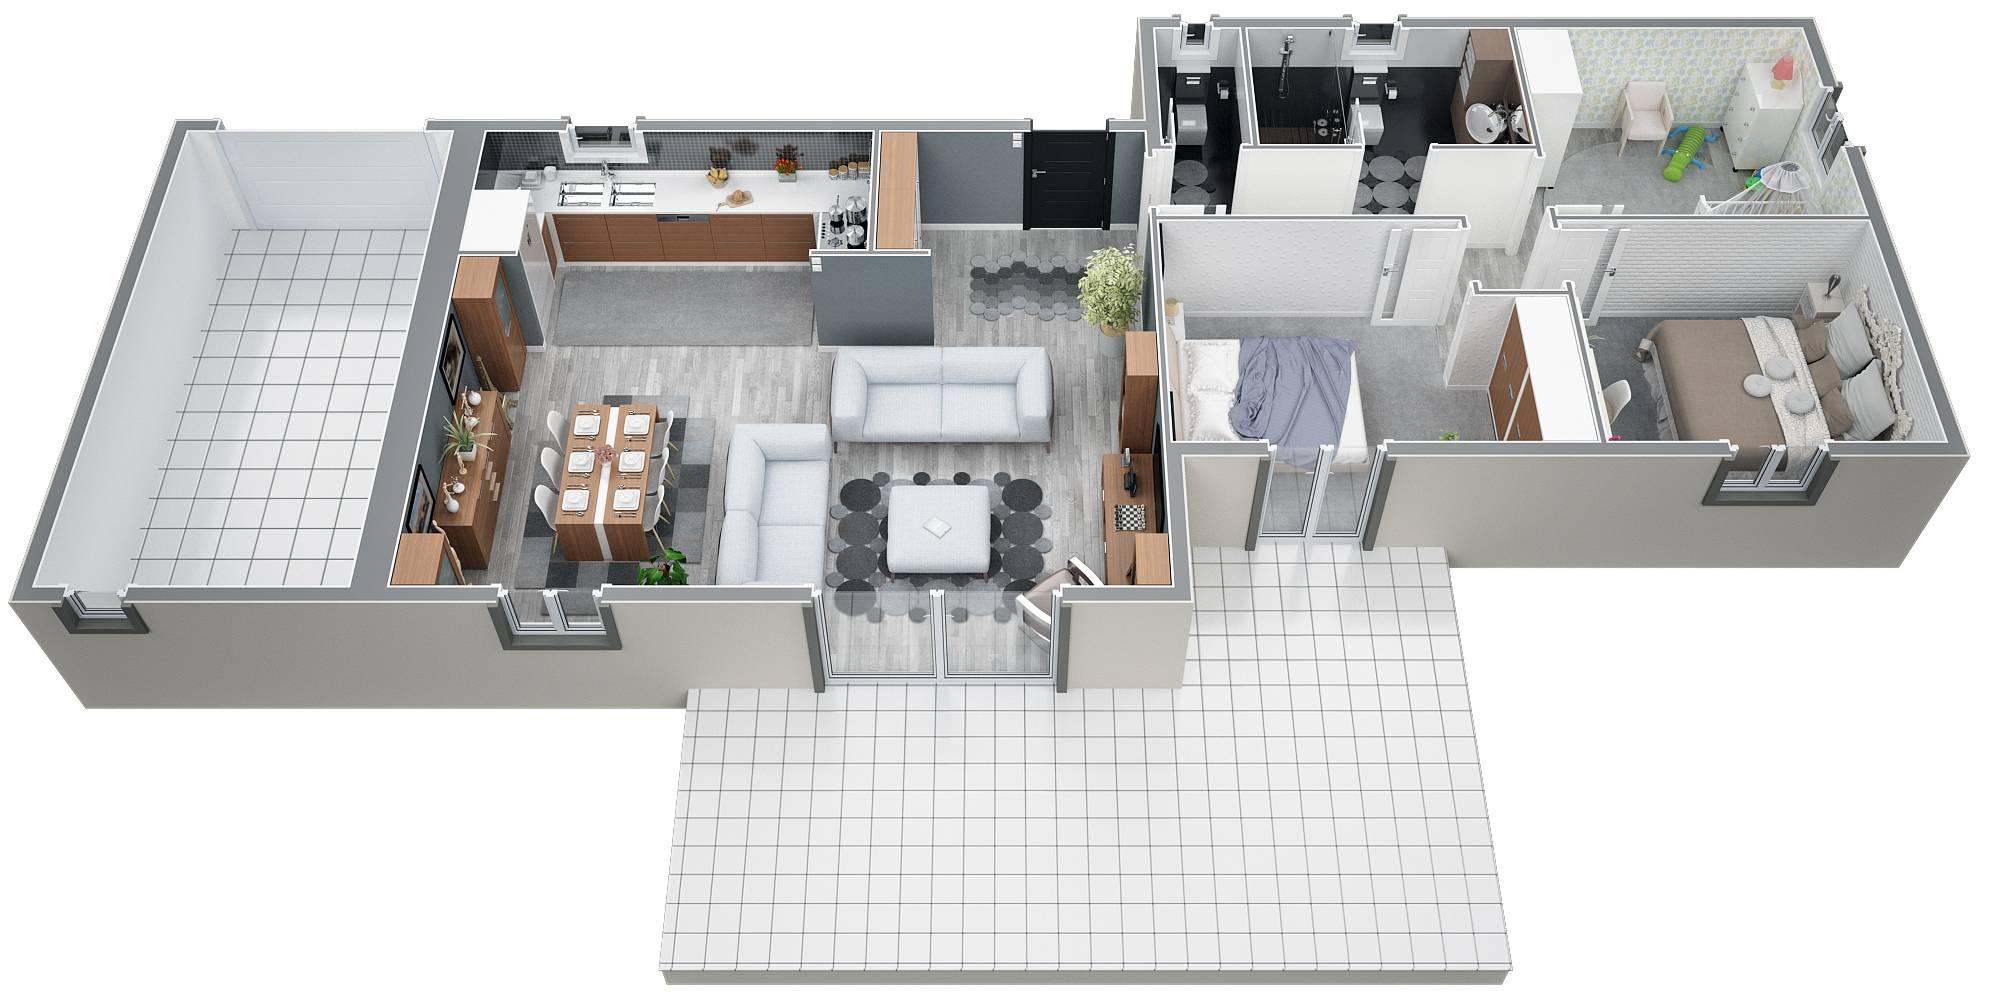 Exceptionnel Exemple plan de maison plain pied - Menuiserie TB33